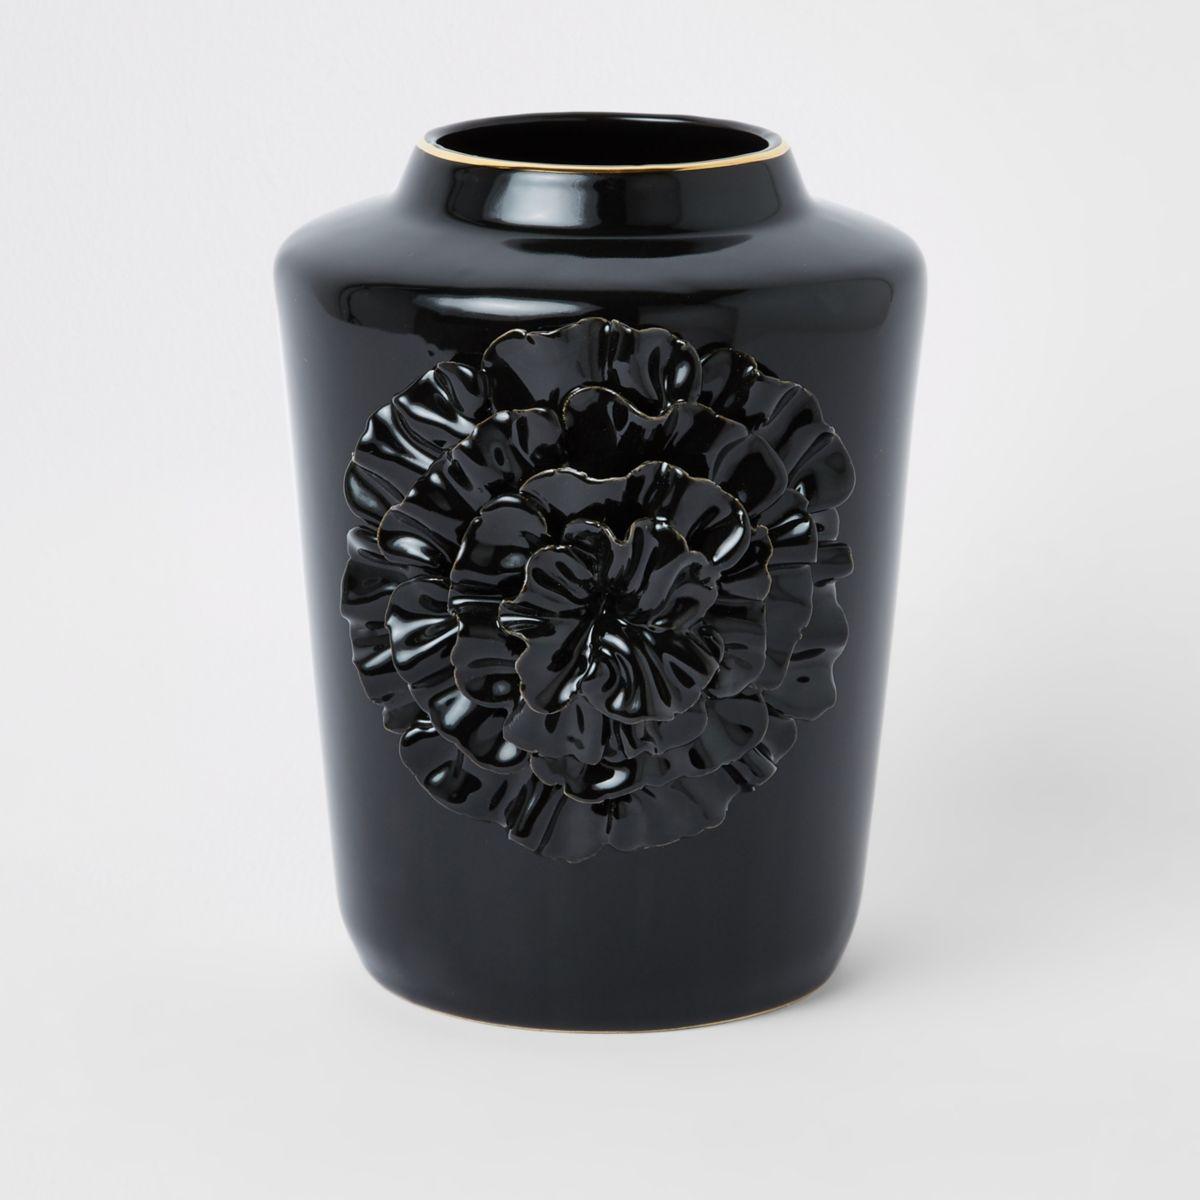 Black ceramic flower vase